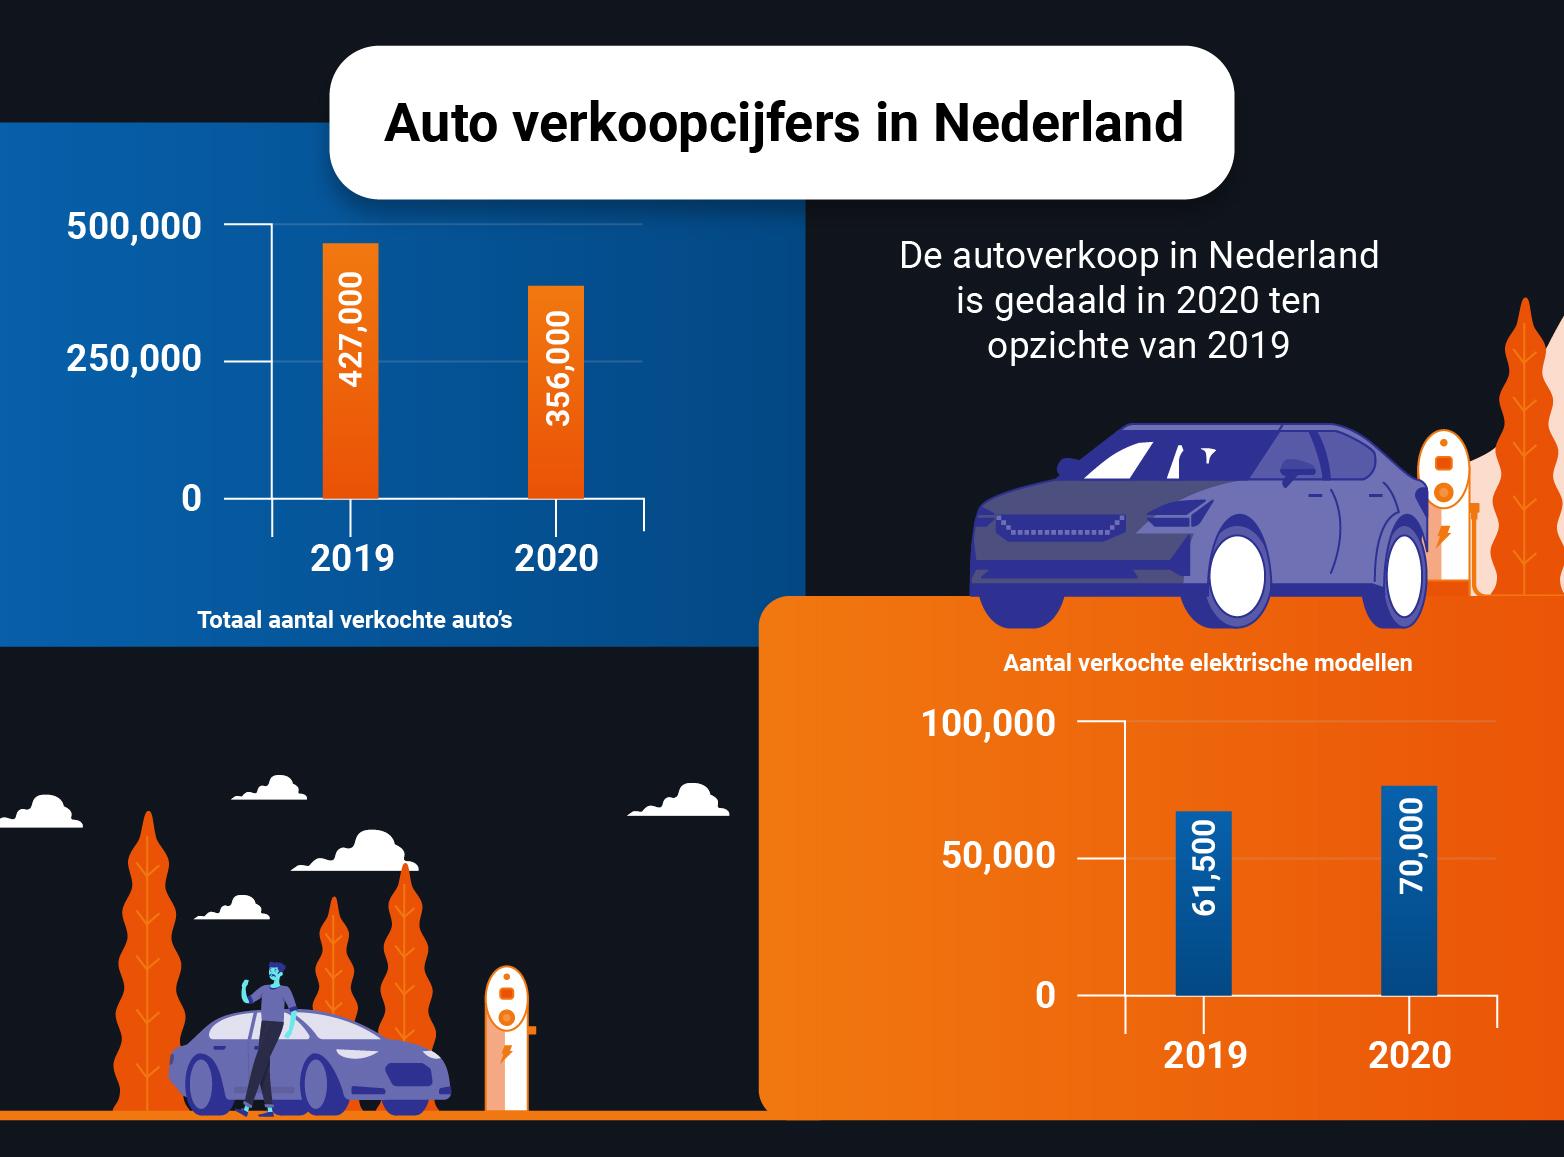 Vergelijking van het aantal verkochte auto's in Nederland in 2019 en 2020